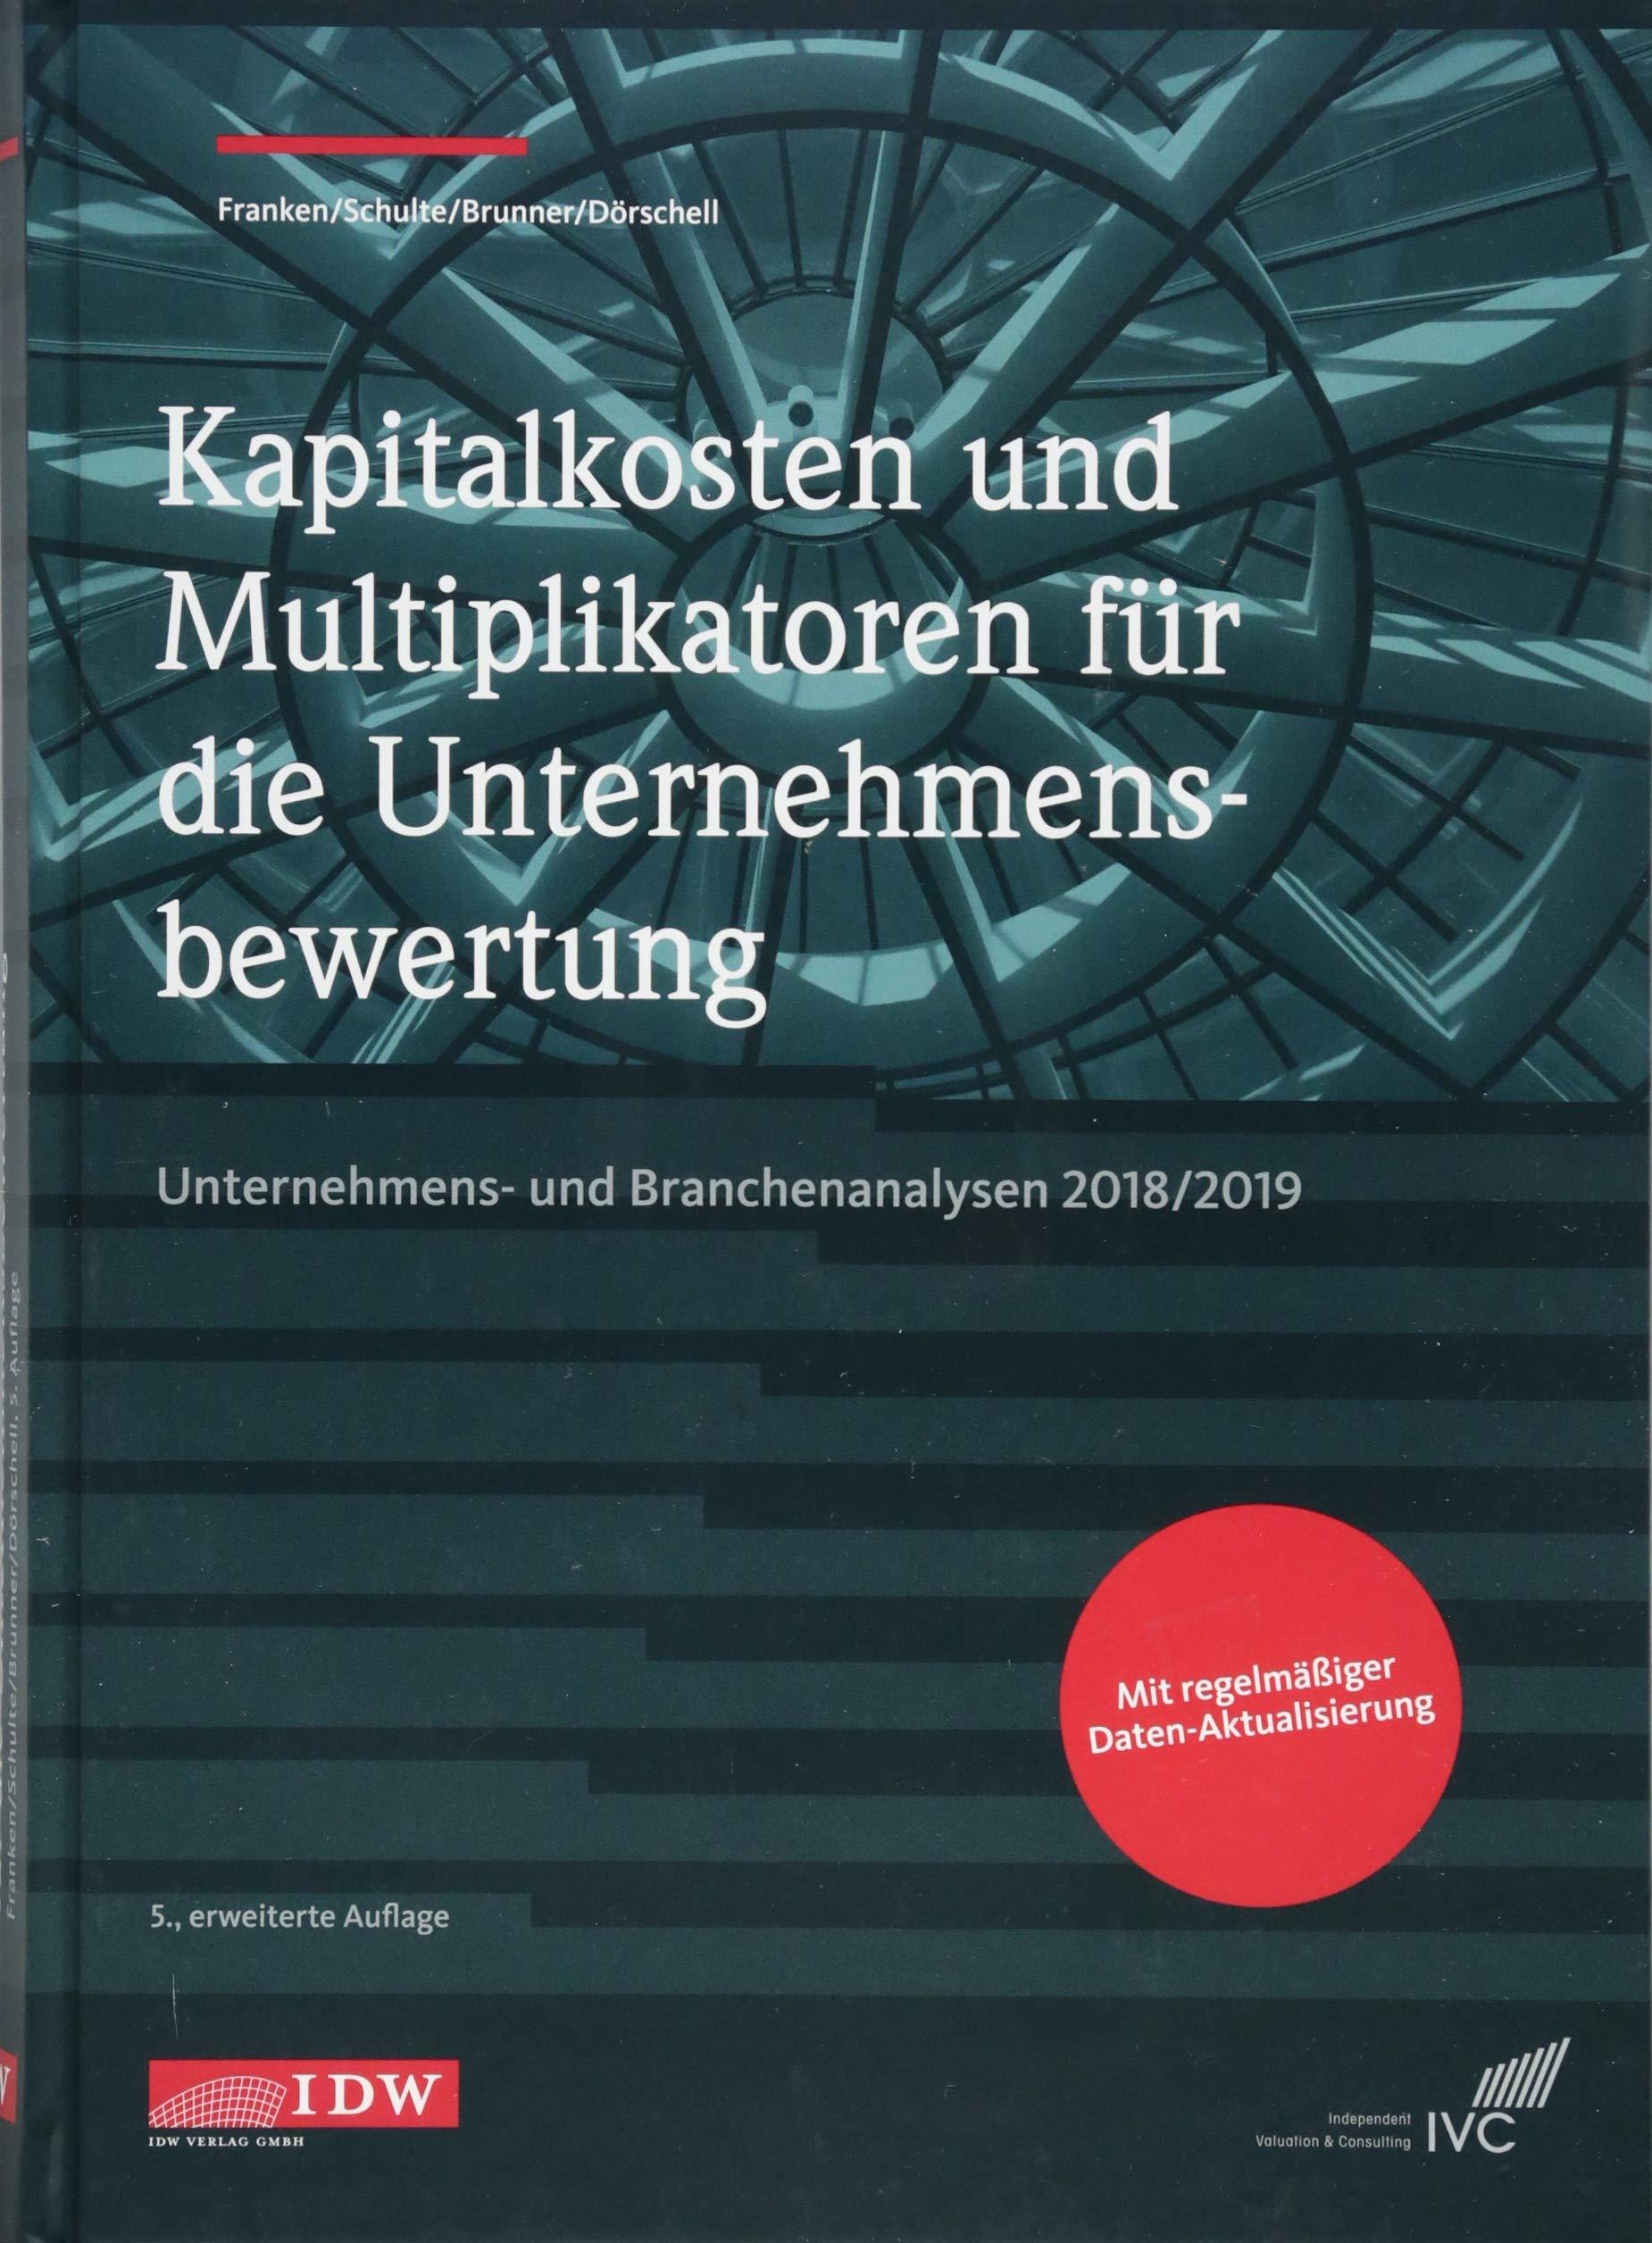 Kapitalkosten Und Multiplikatoren Für Die Unternehmensbewertung  Unternehmens  Und Branchenanalysen 2018 2019